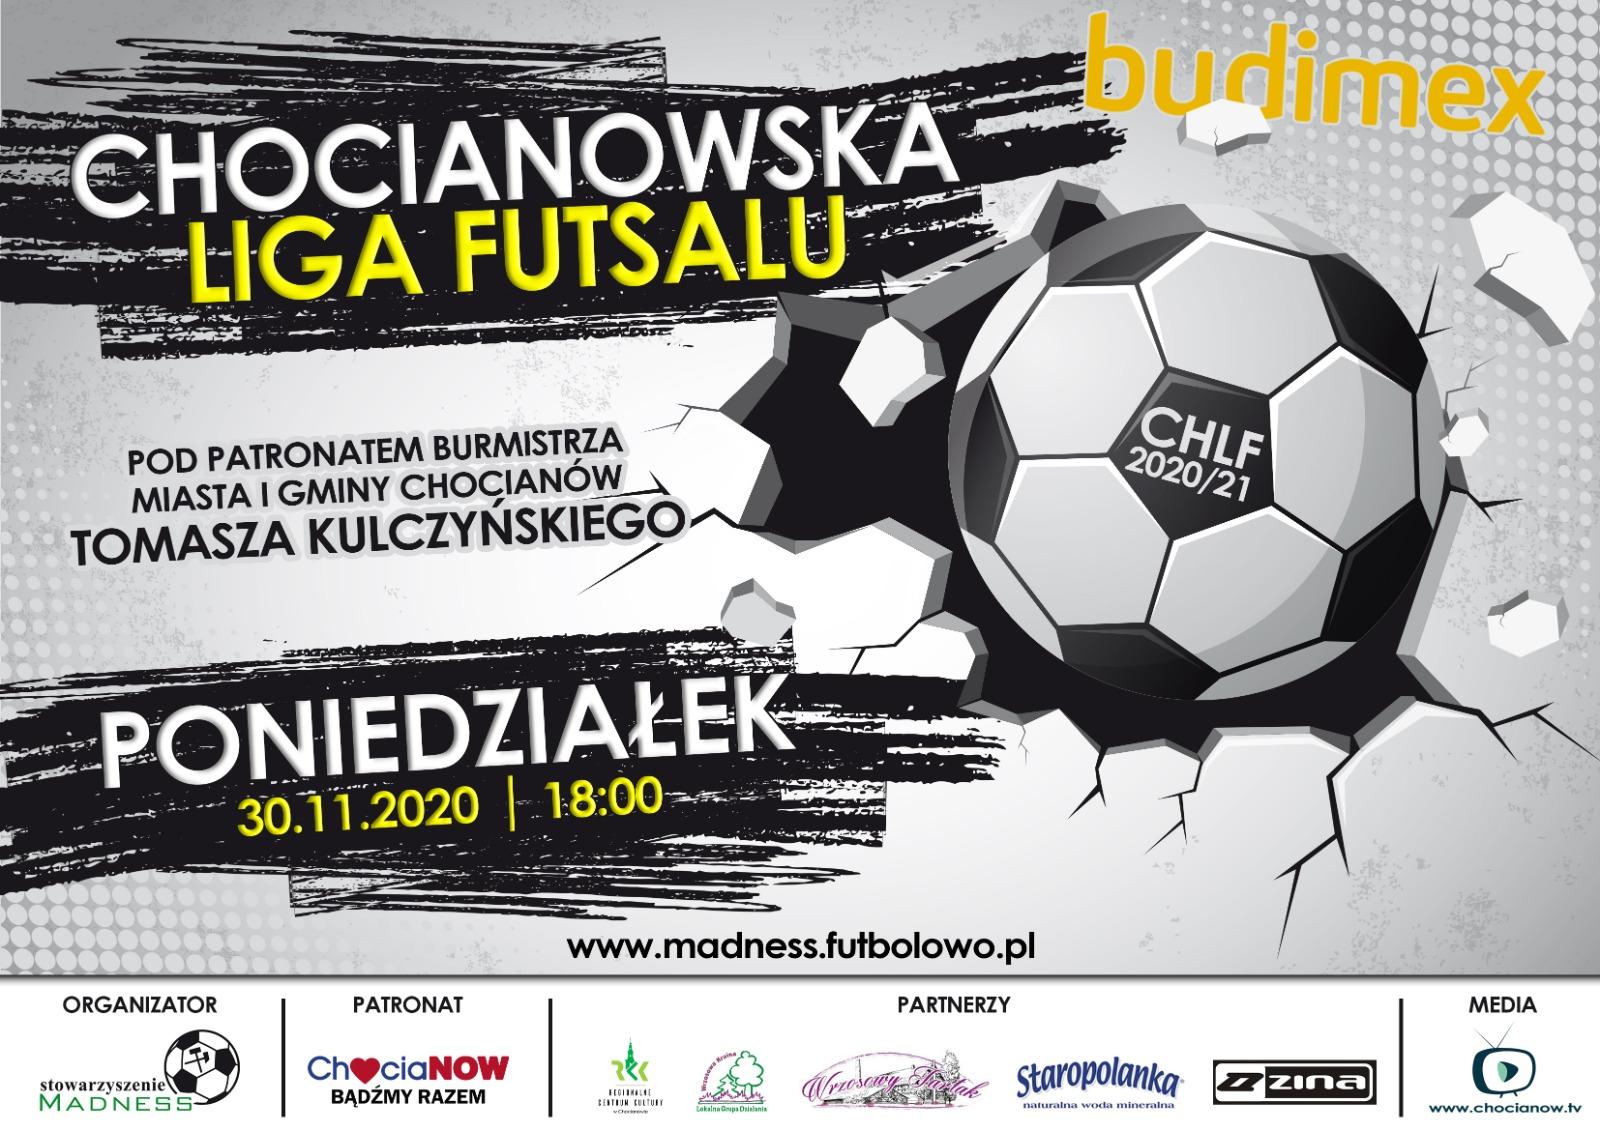 Już dzisiaj rusza Chocianowska Liga Futsalu (wideo)